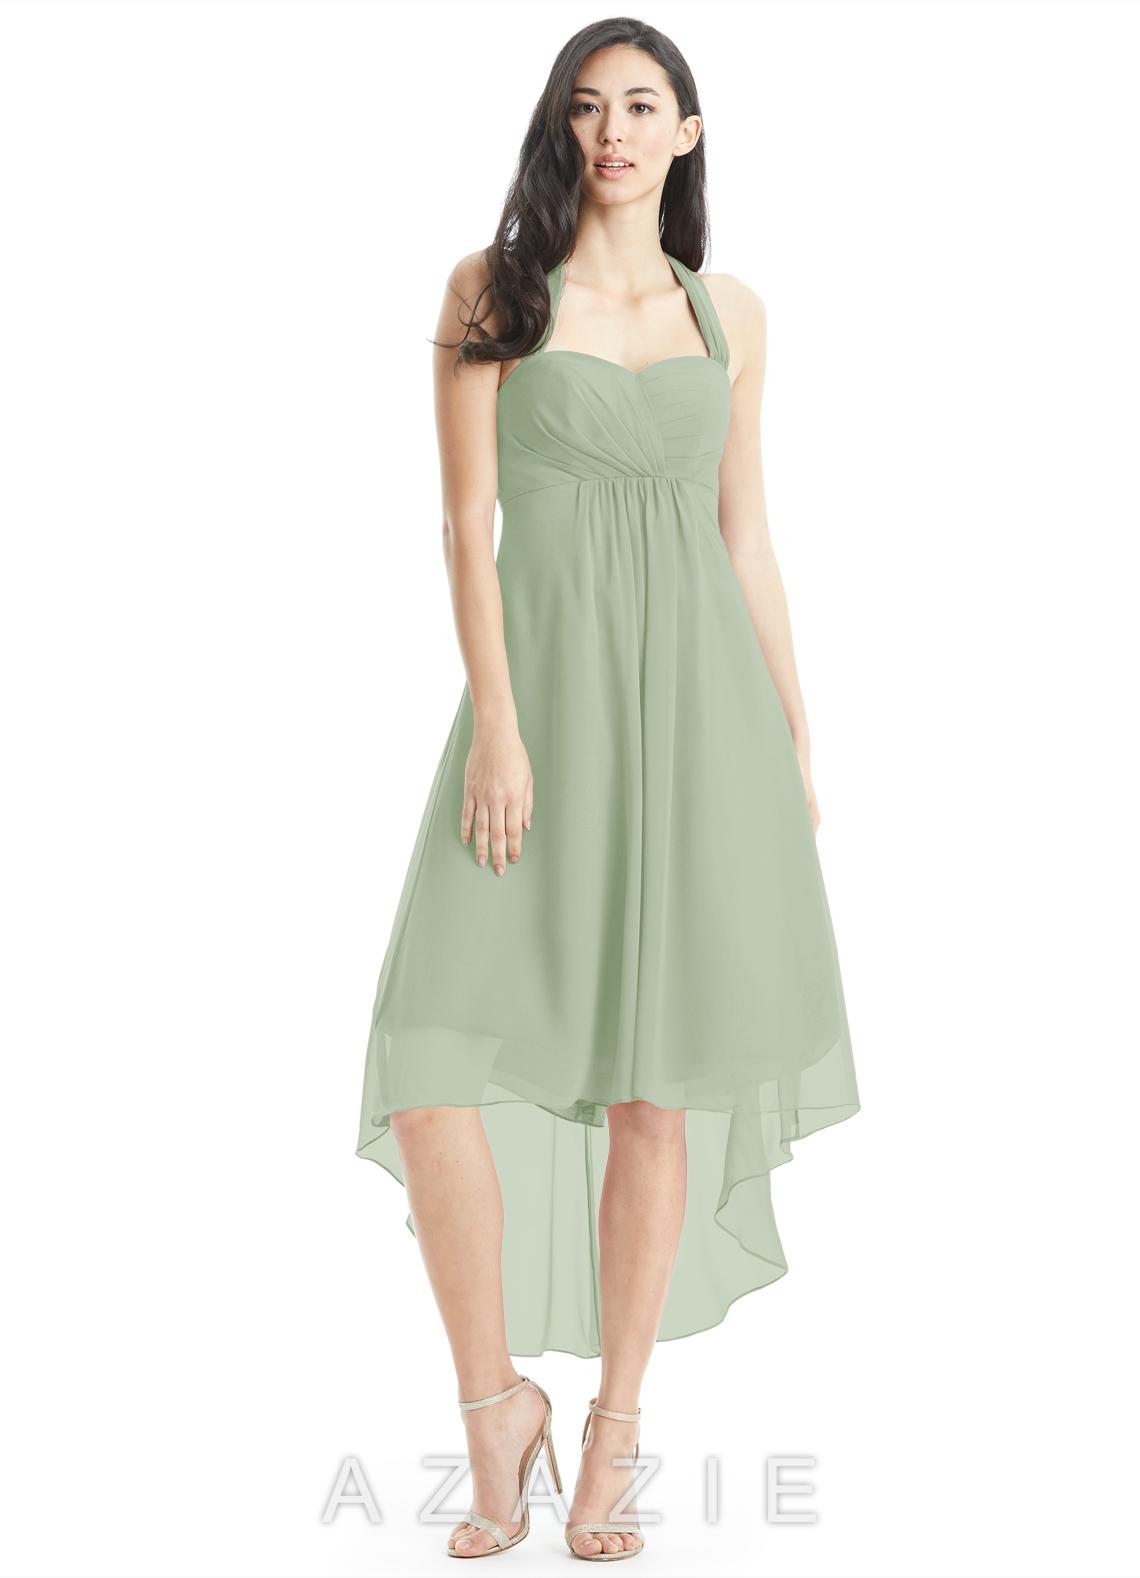 42245f72829 Azazie Annabel Bridesmaid Dress - Dusty Sage